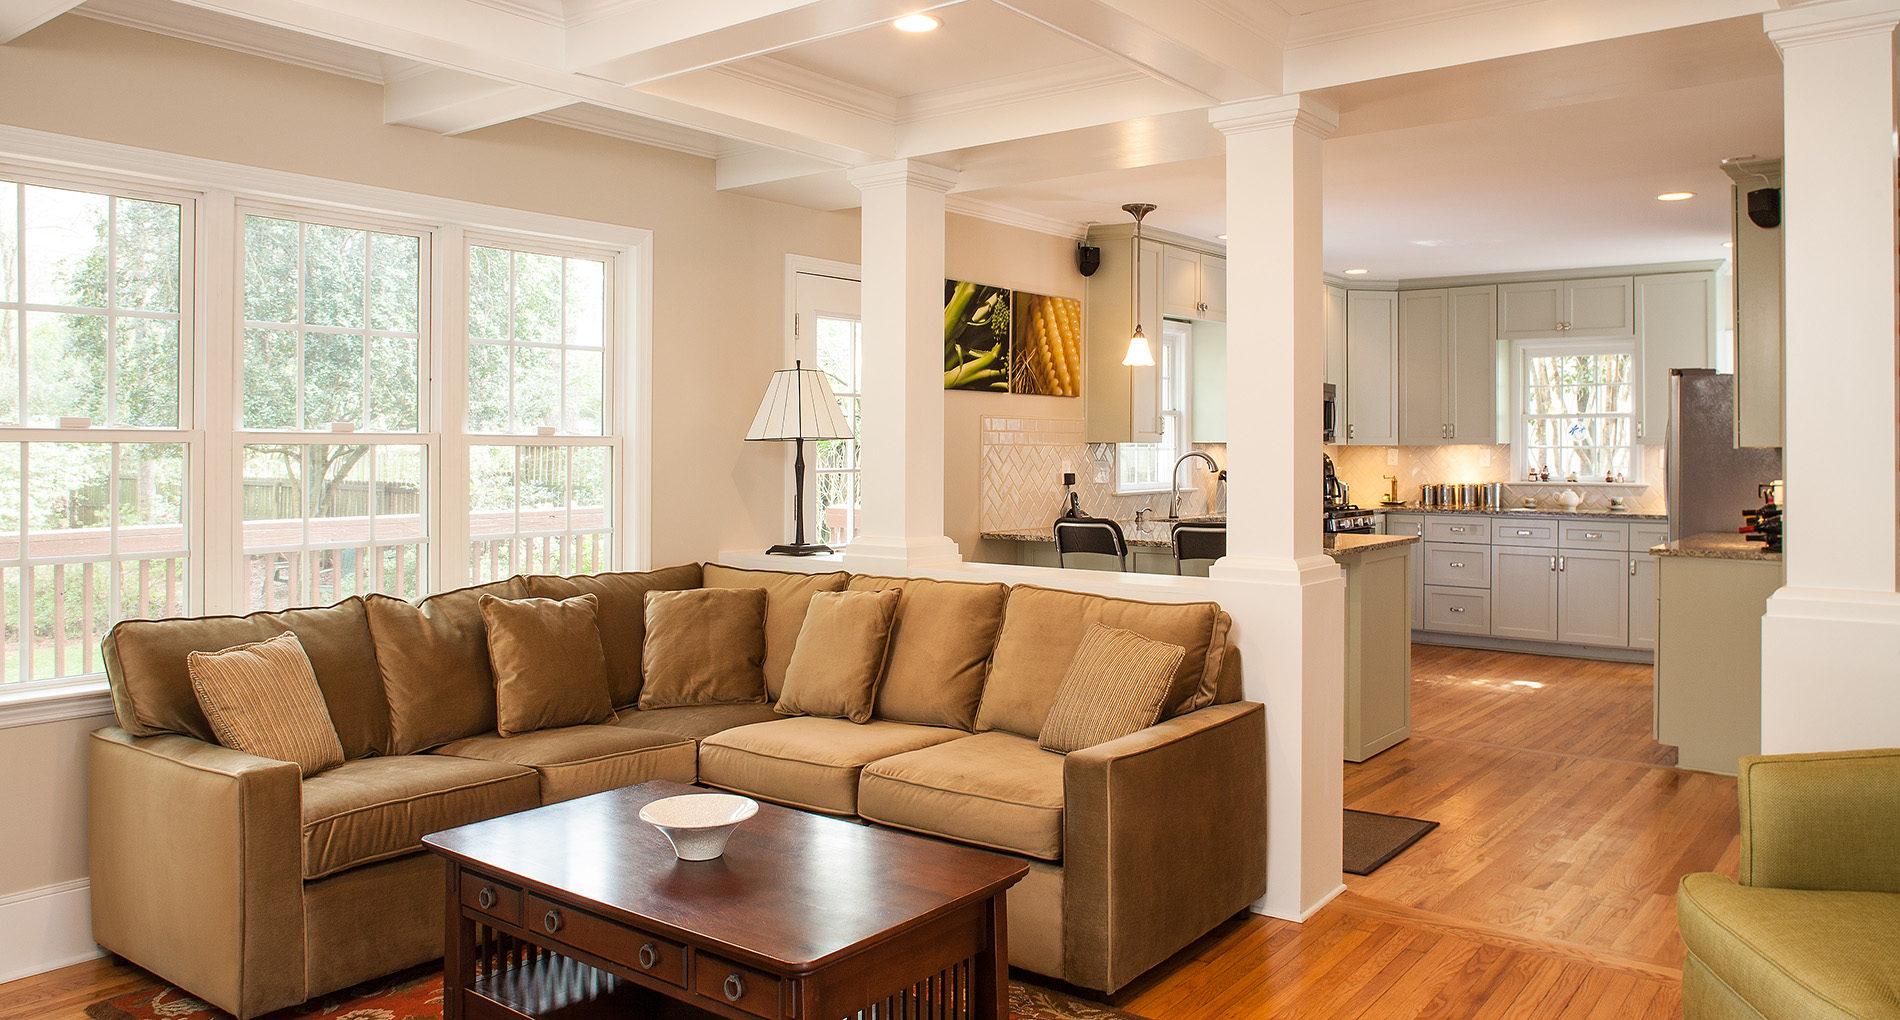 Image result for Home Remodeling & Renovation